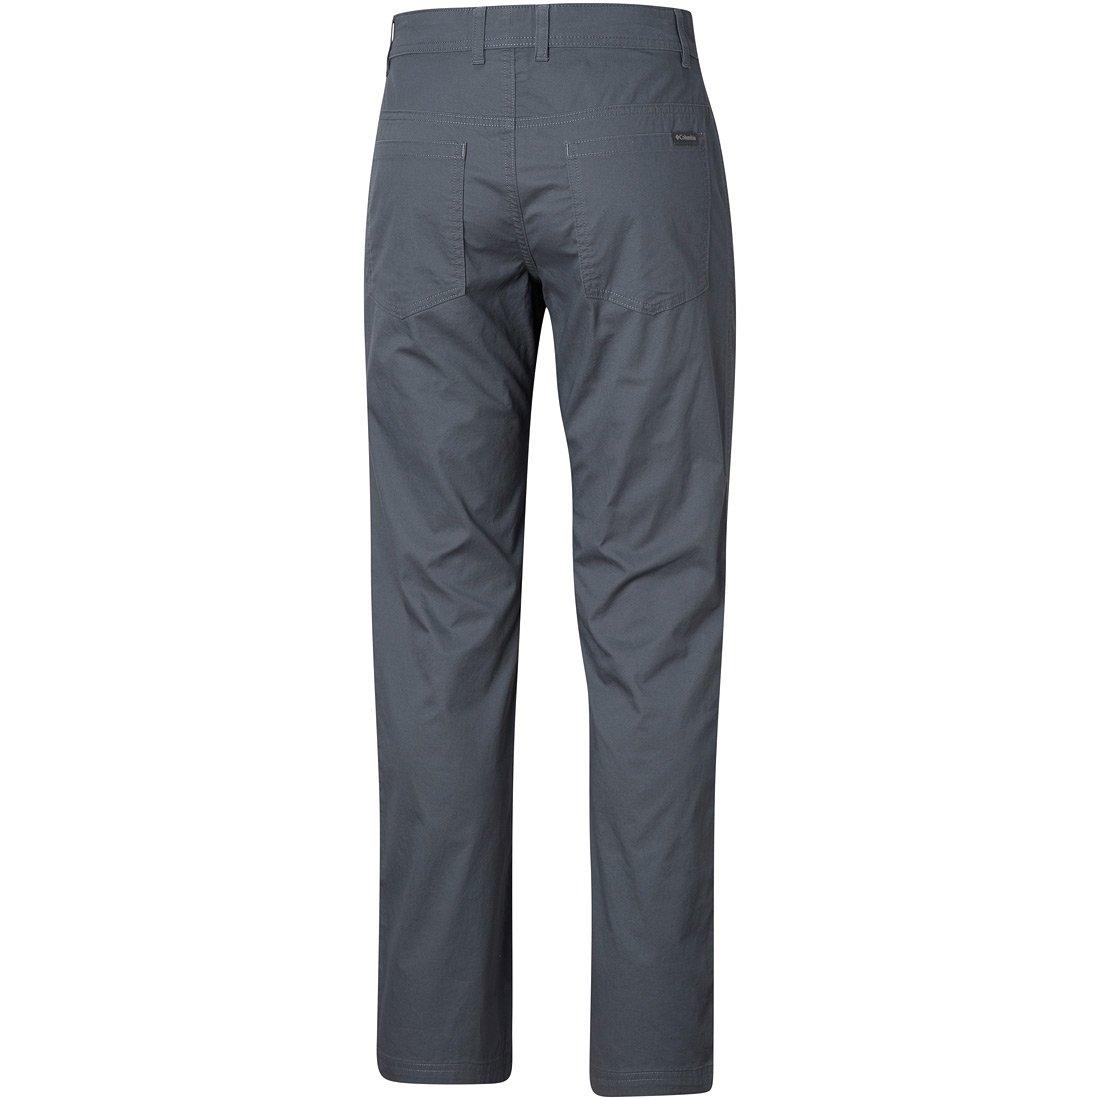 מכנסיים ארוכים לגברים - Rapid Rivers Pant - Columbia